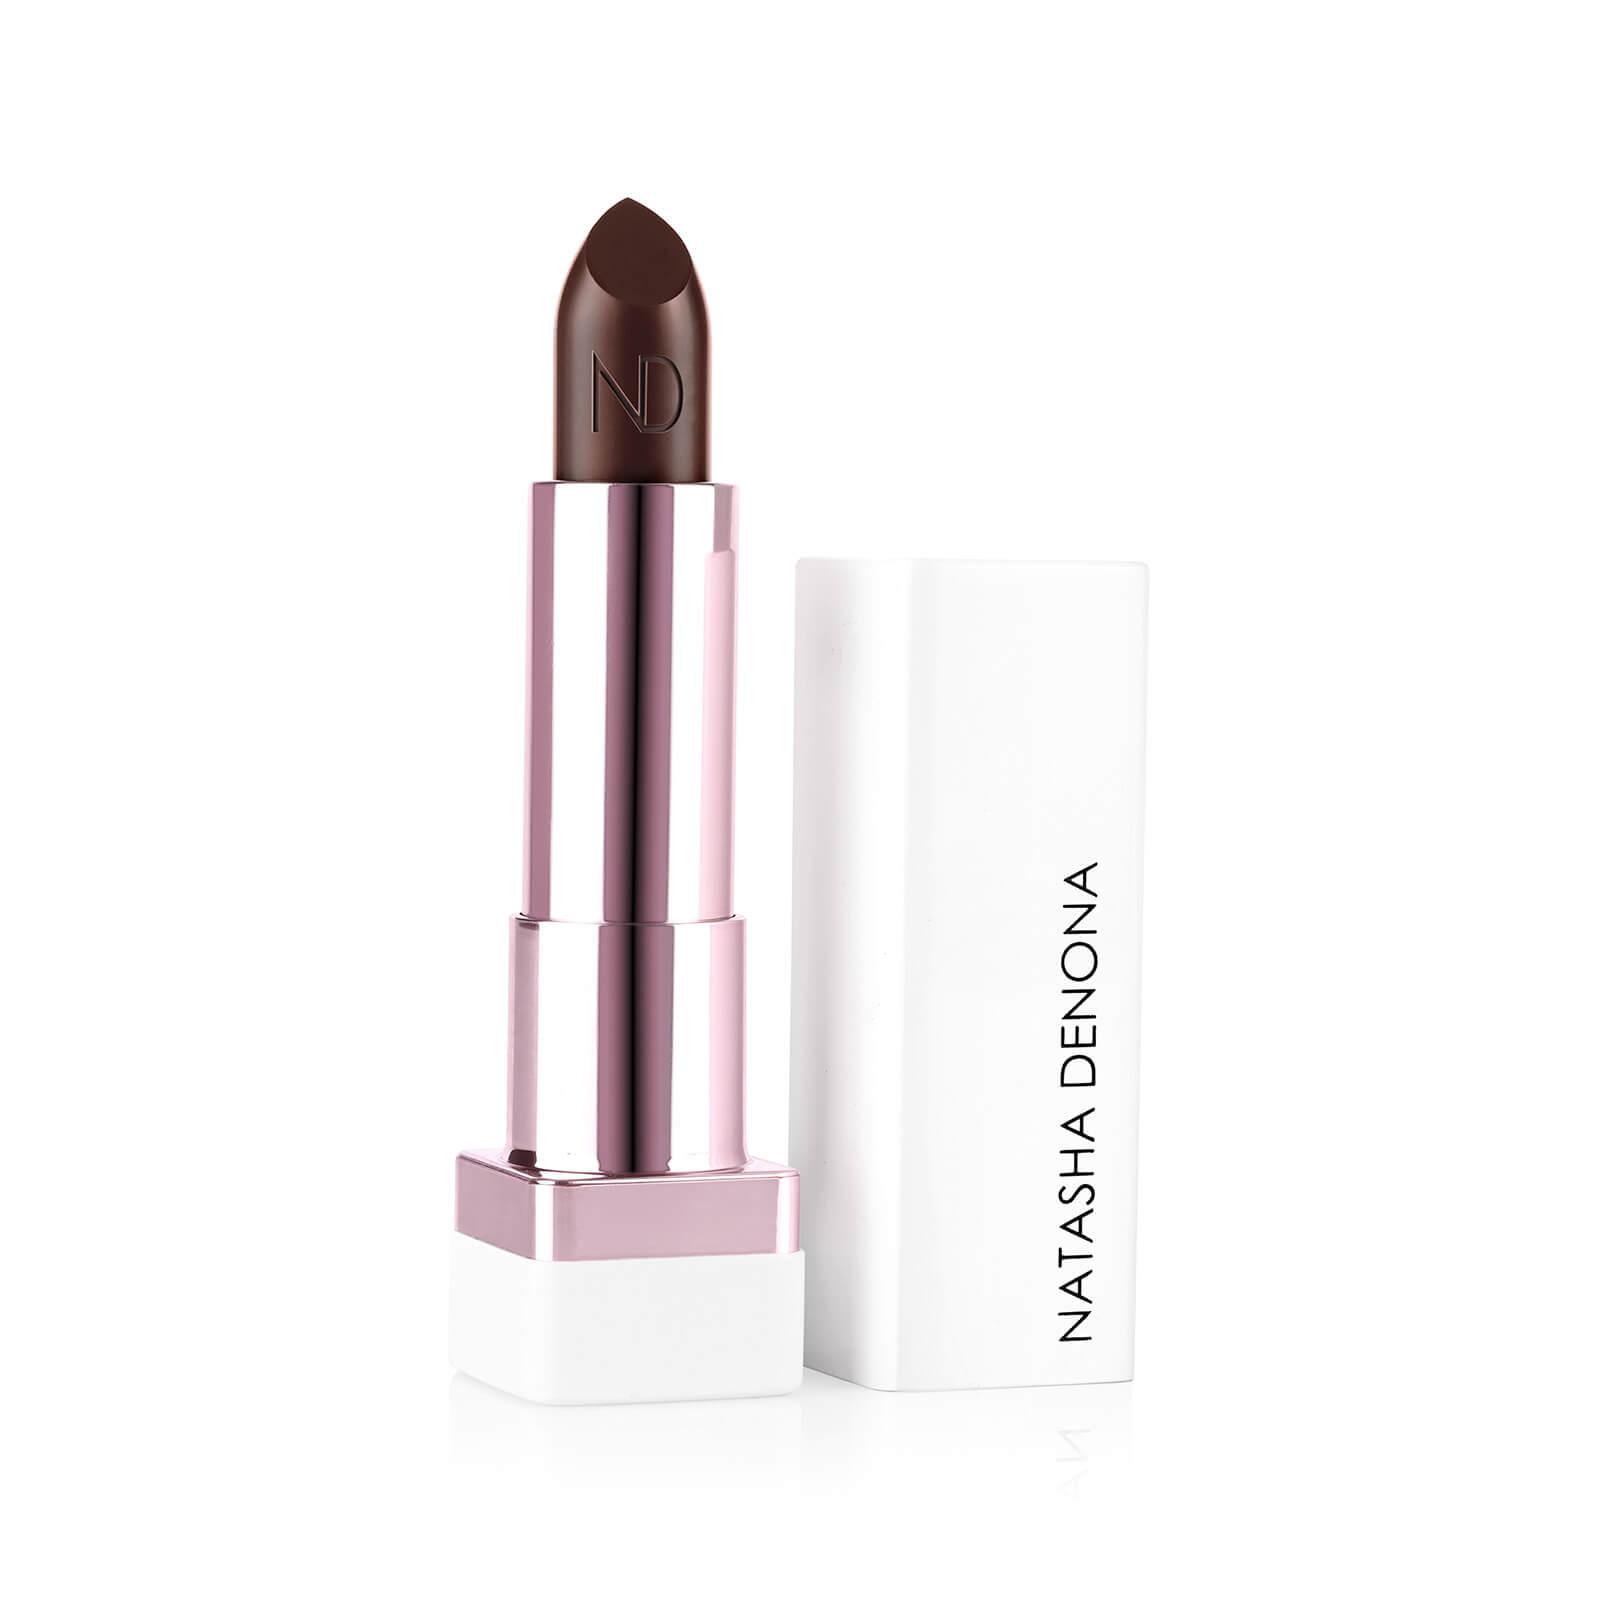 Natasha Denona I Need a Nude Lipstick 4g (Various Shades) - 6B Lala